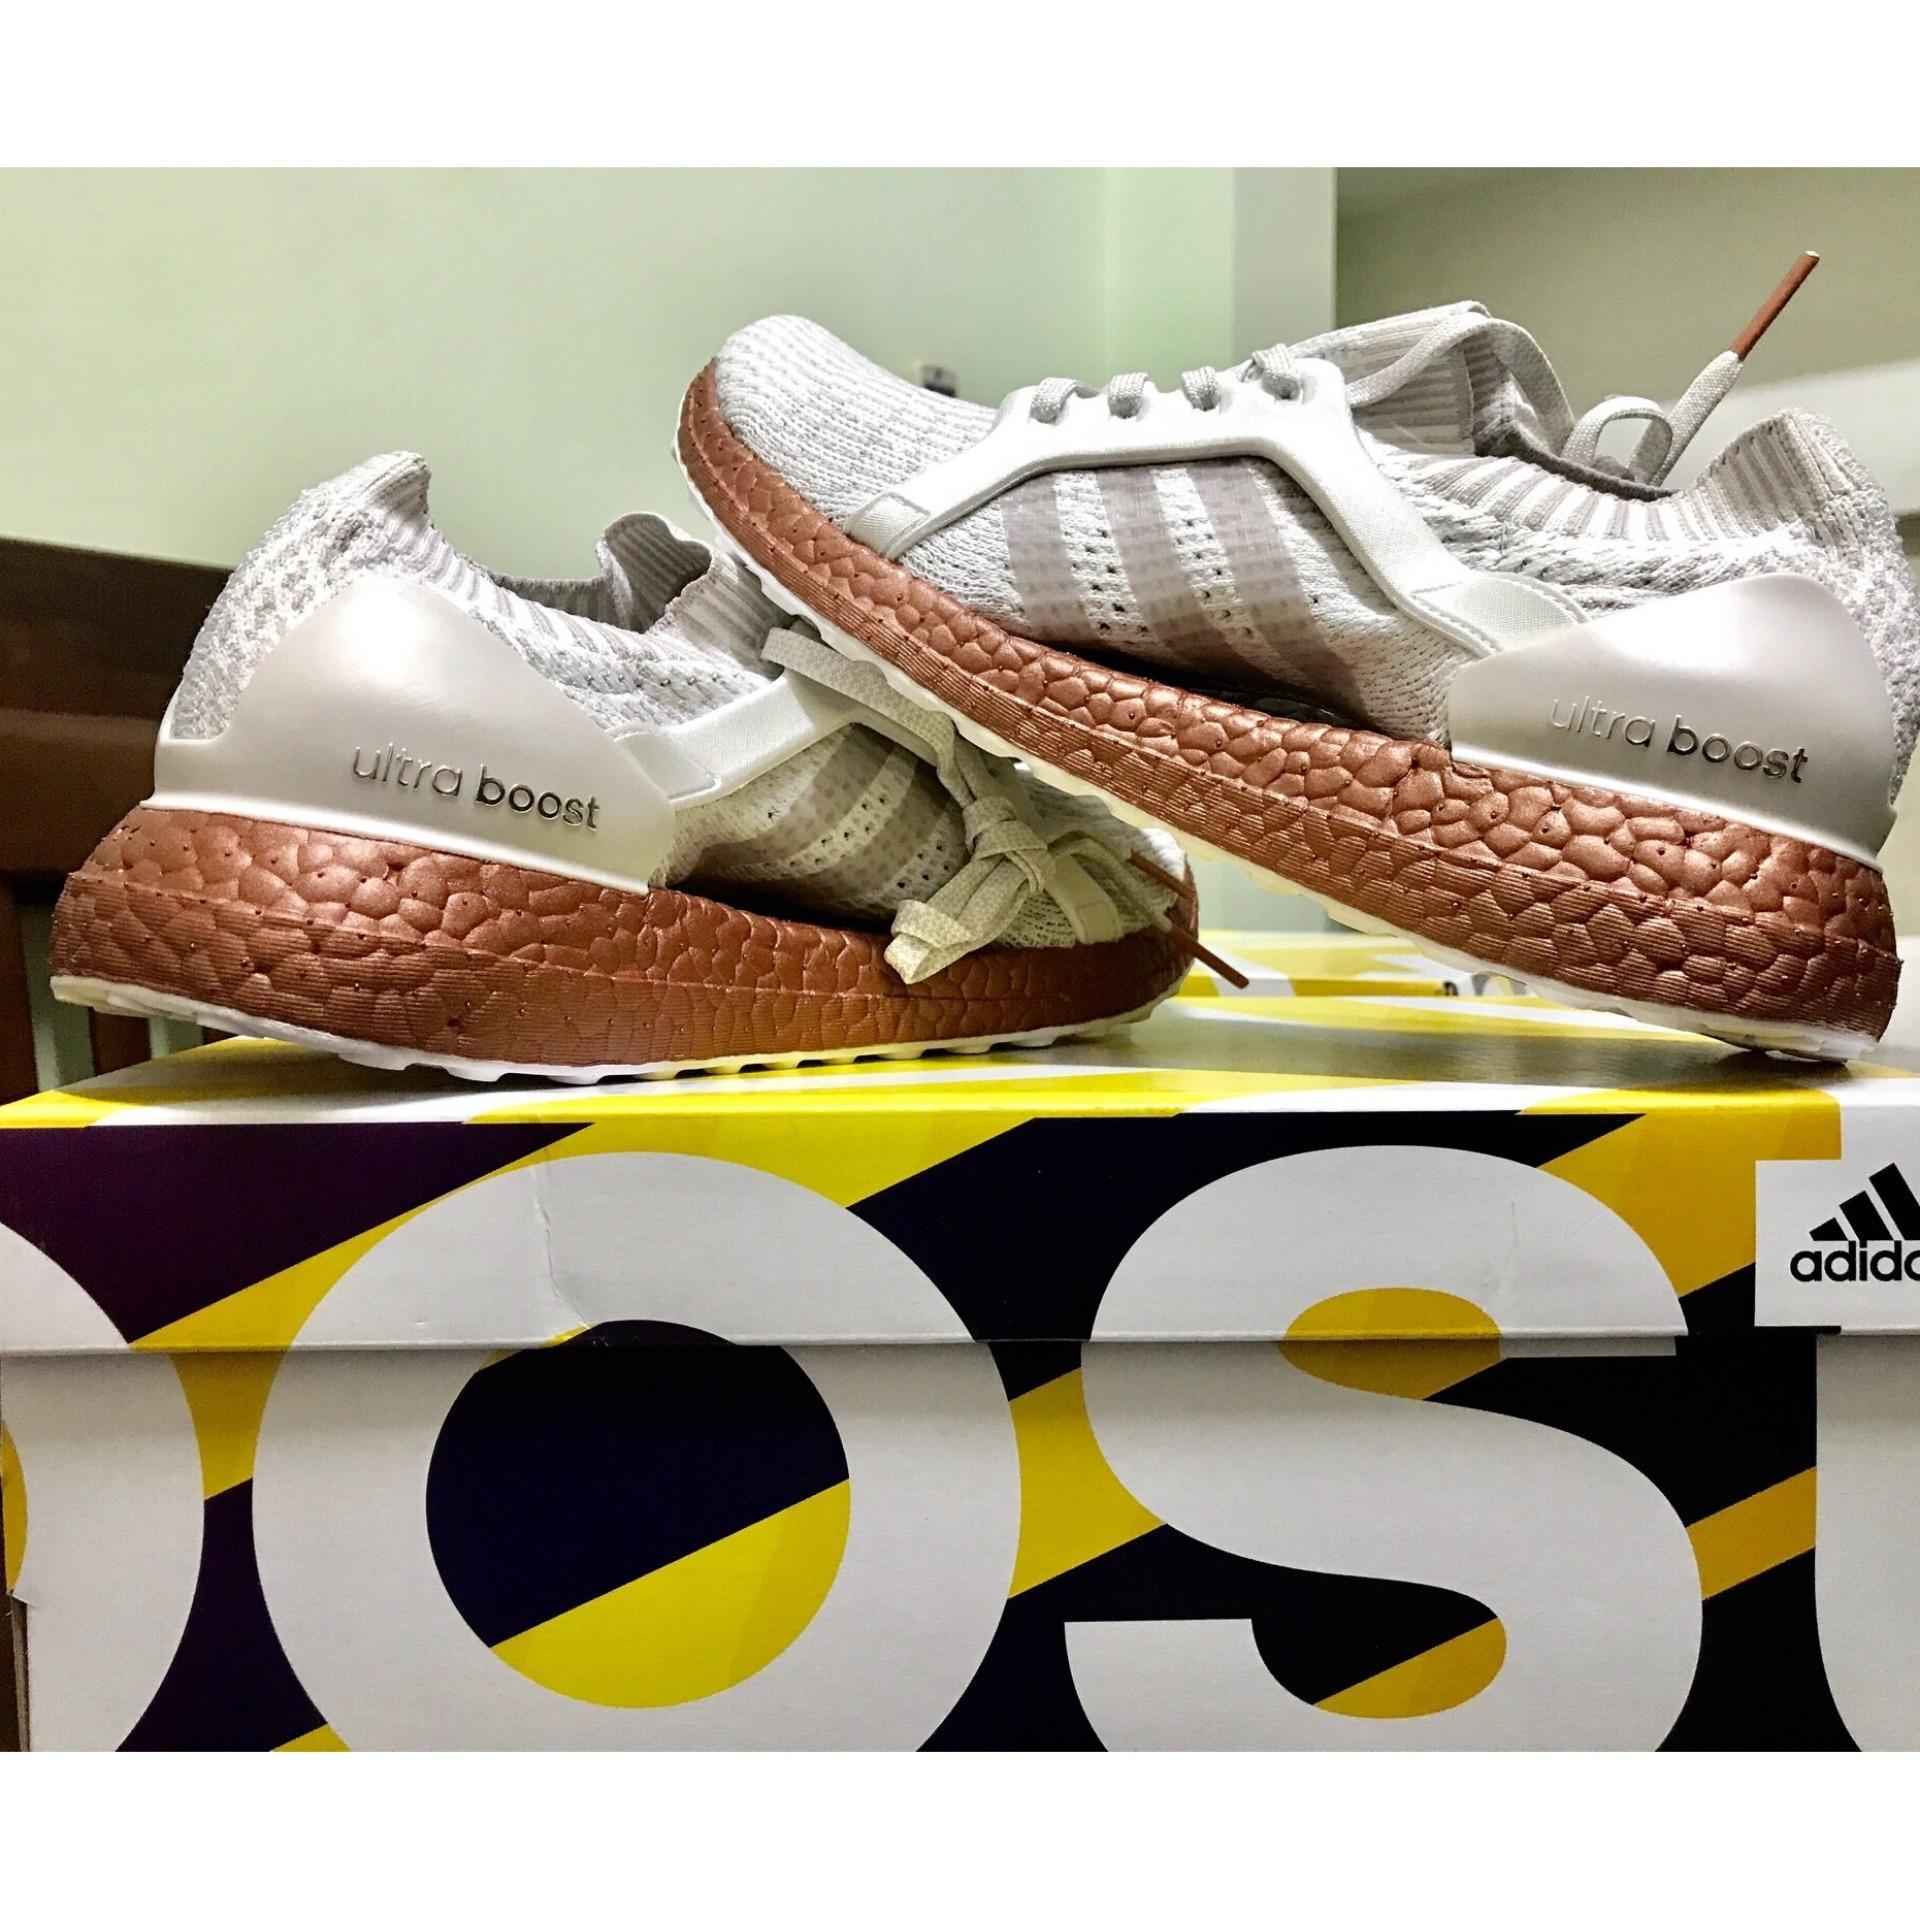 cceebfe4782c08 Đổi trả dễ dàng Giầy Adidas Ultra Boost X LTD White Rust cho nữ ...